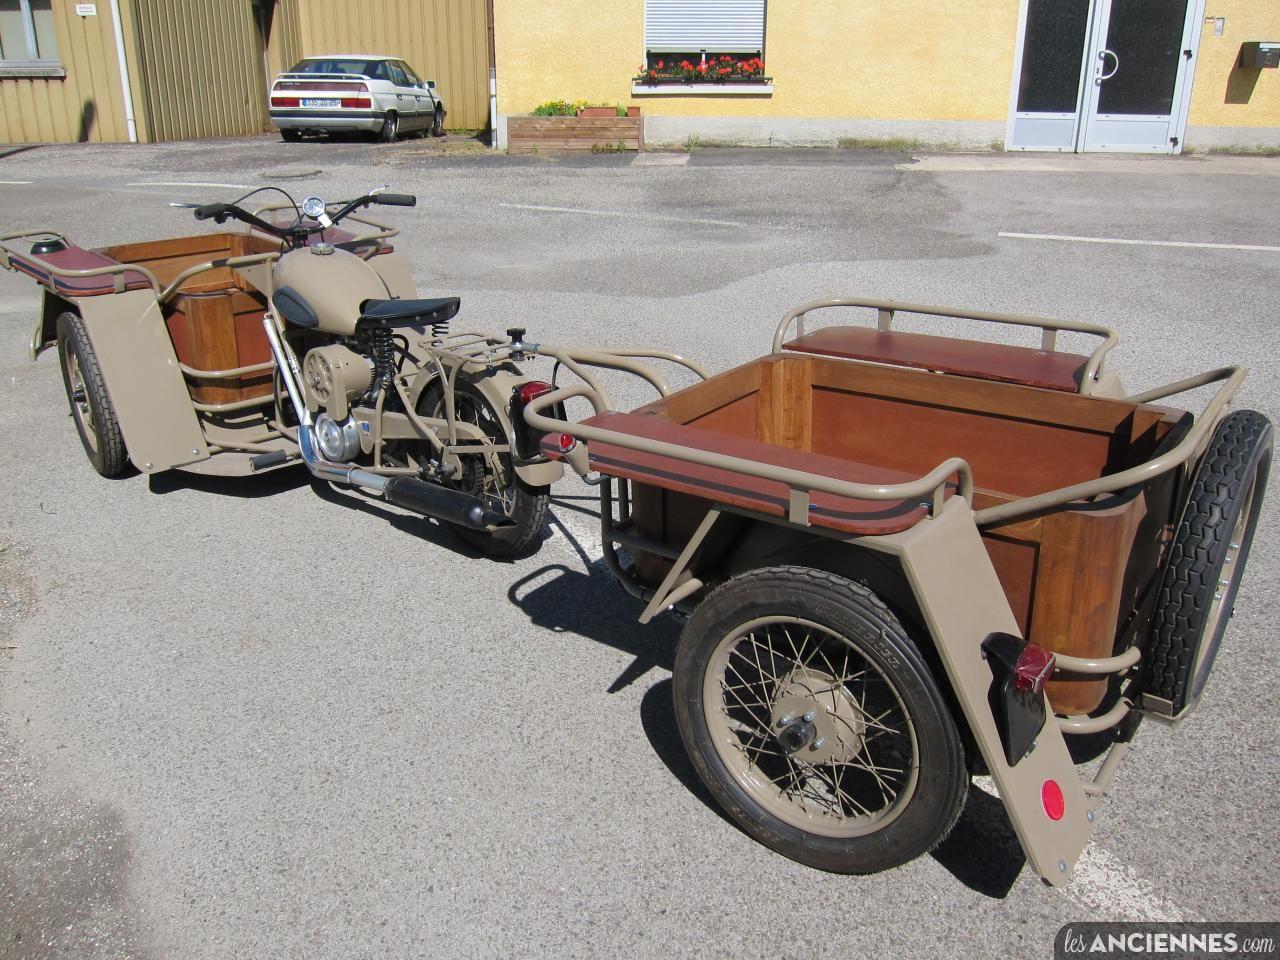 ventes moto peugeot triporteur 57tm 1958 les annonces les anciennes com anciennes net. Black Bedroom Furniture Sets. Home Design Ideas